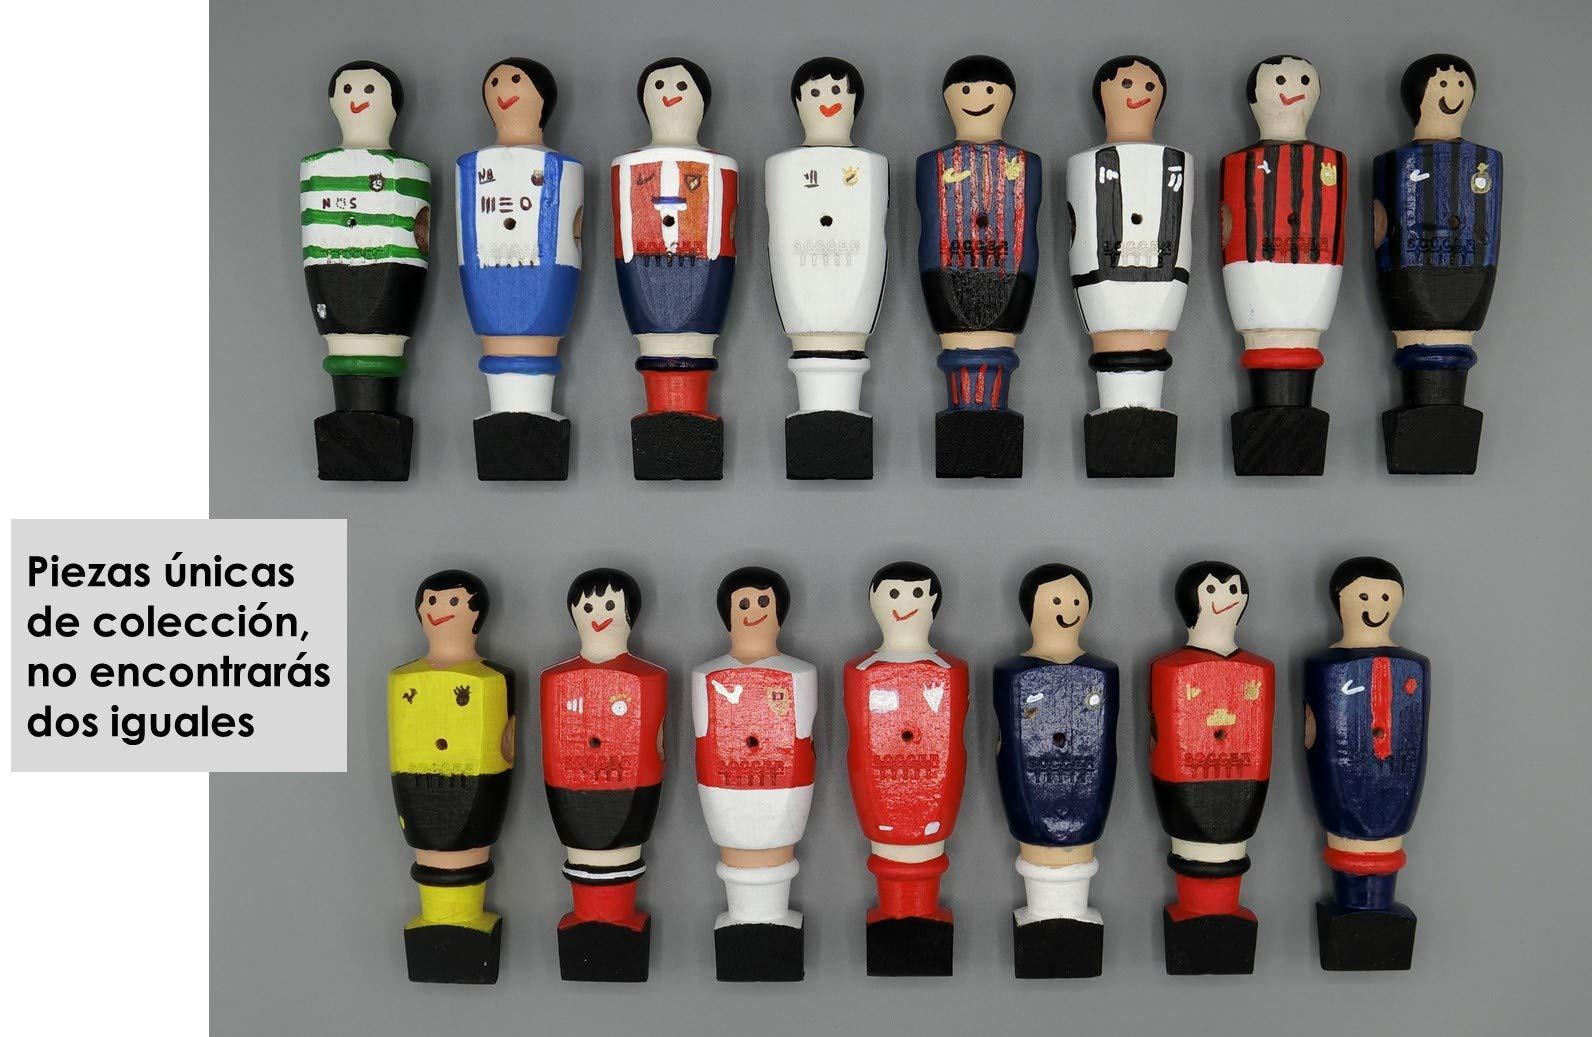 Soccer Table SL Individual Jugador de Futbolín Madrid con imán, presentado en una Exclusiva Caja expositora, Color Blanco (art-065): Amazon.es: Juguetes y juegos